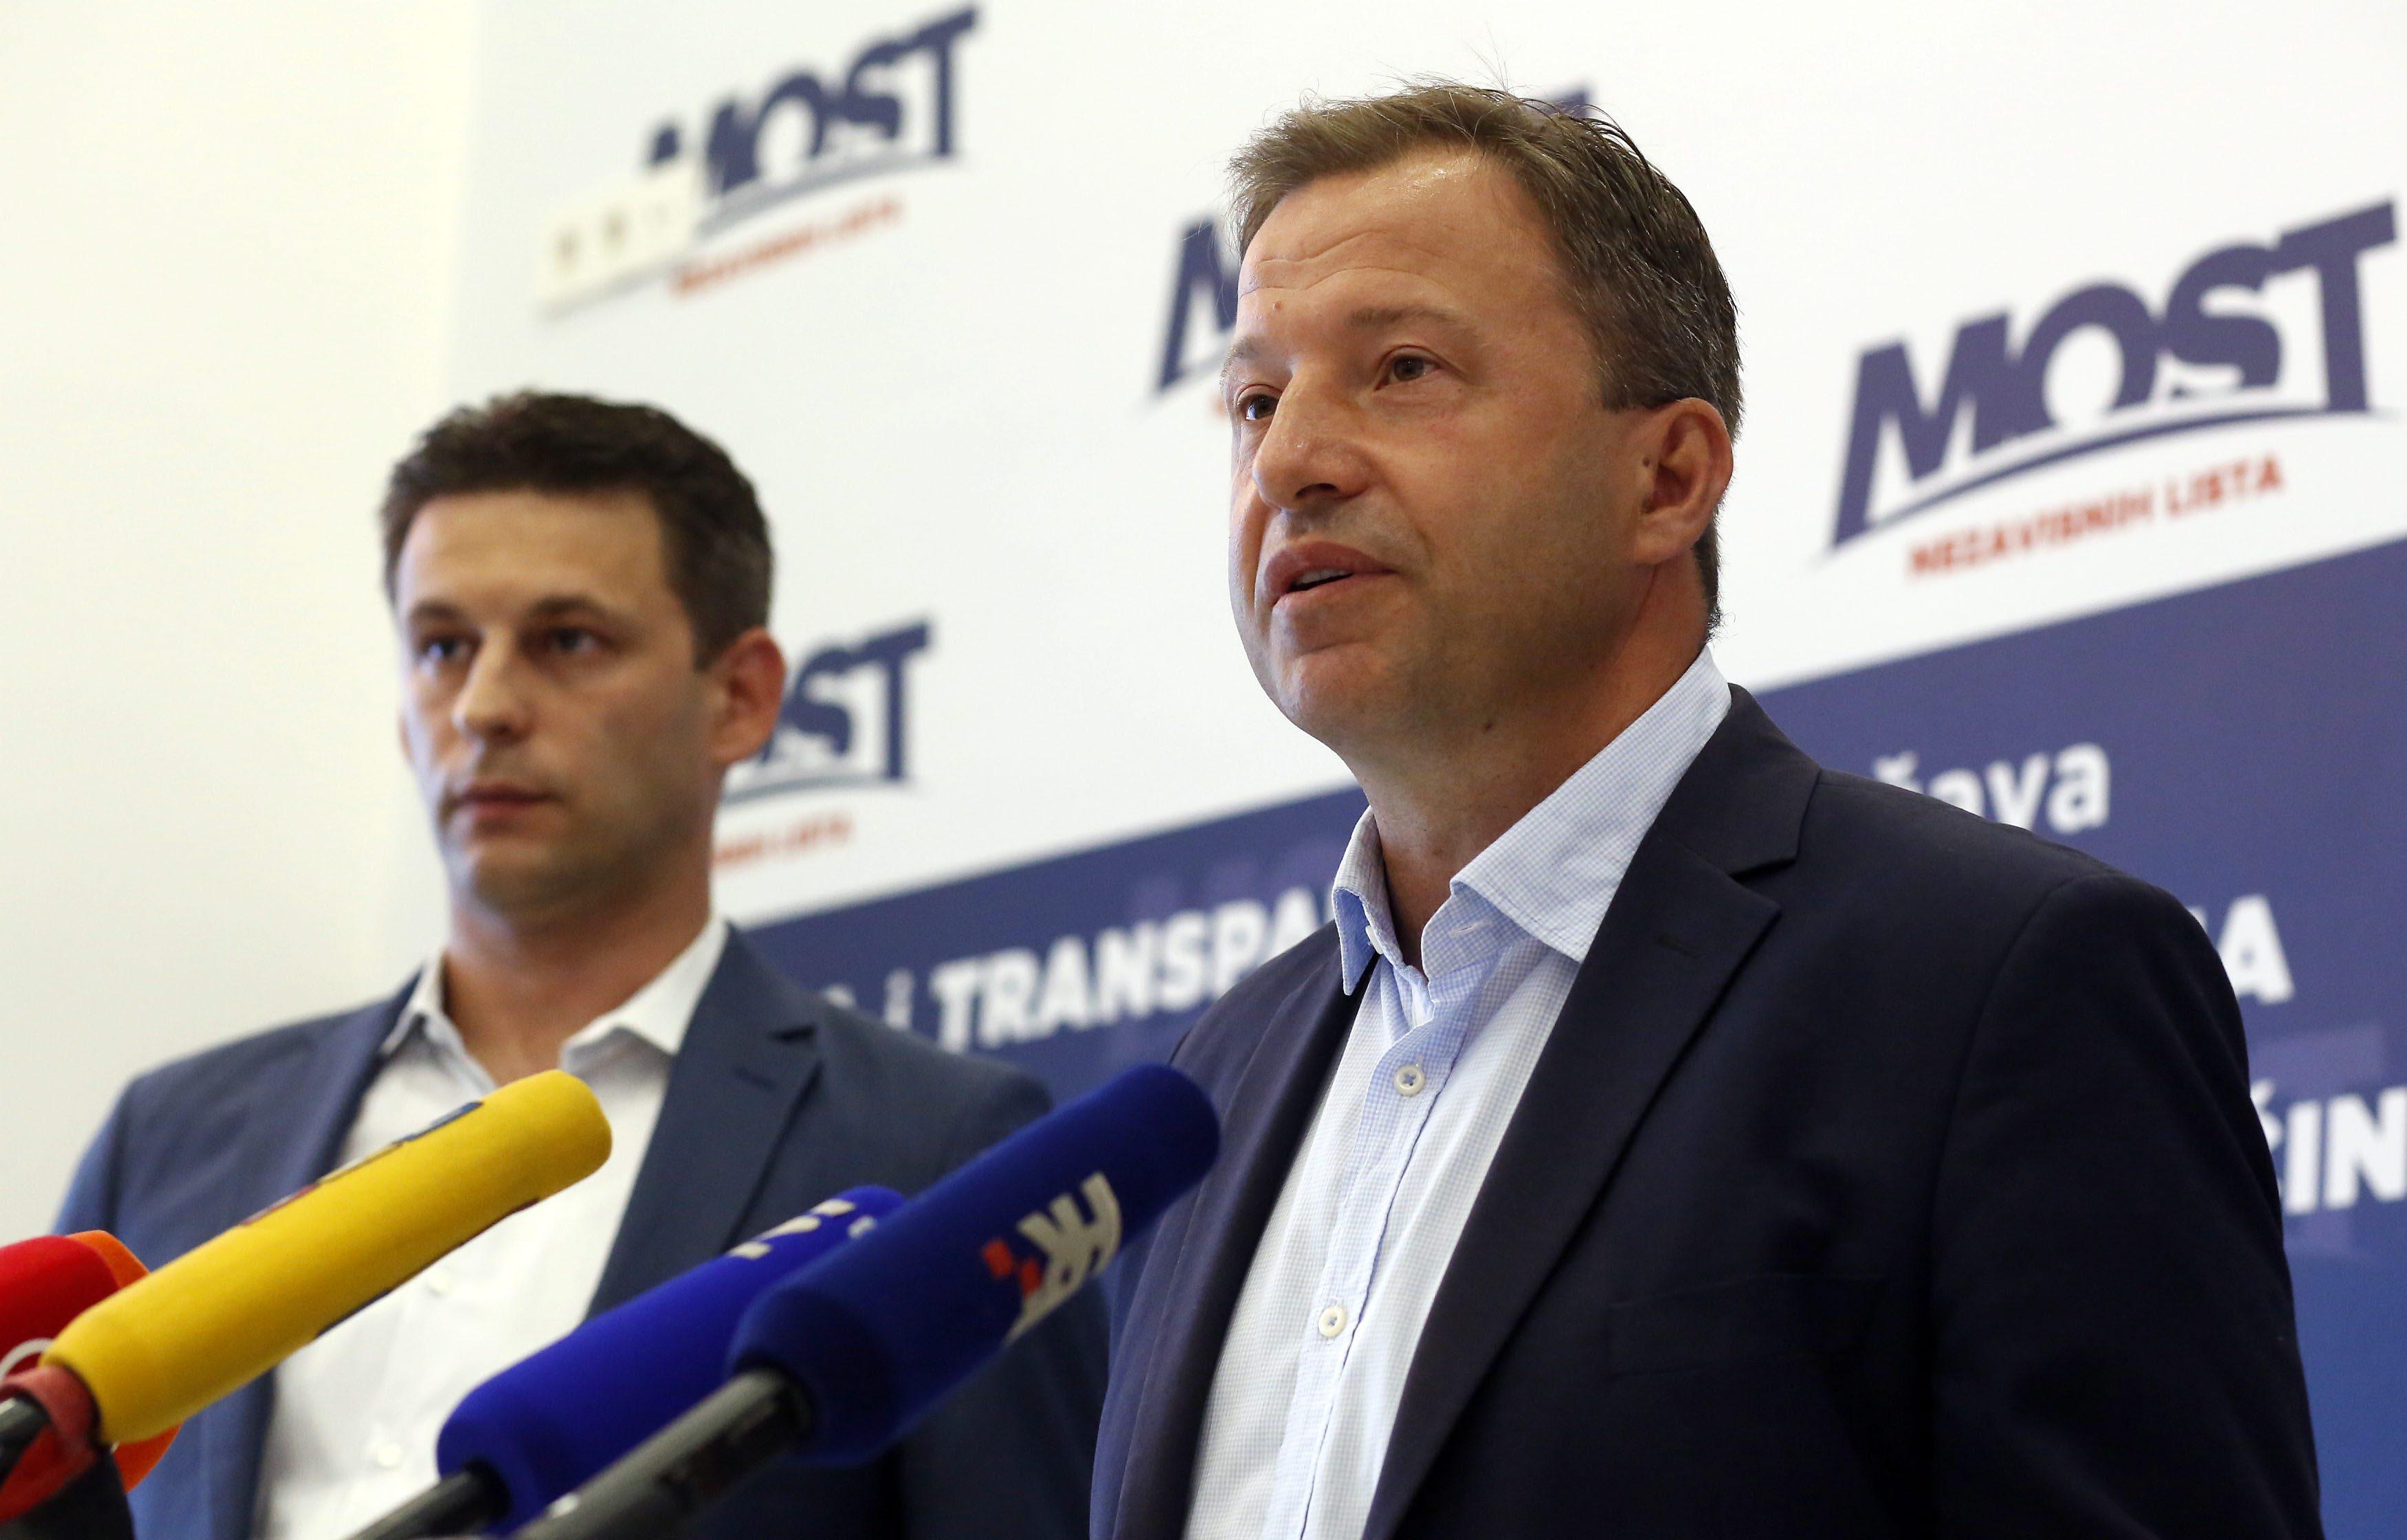 Božo Petrov i Tomislav Panenić